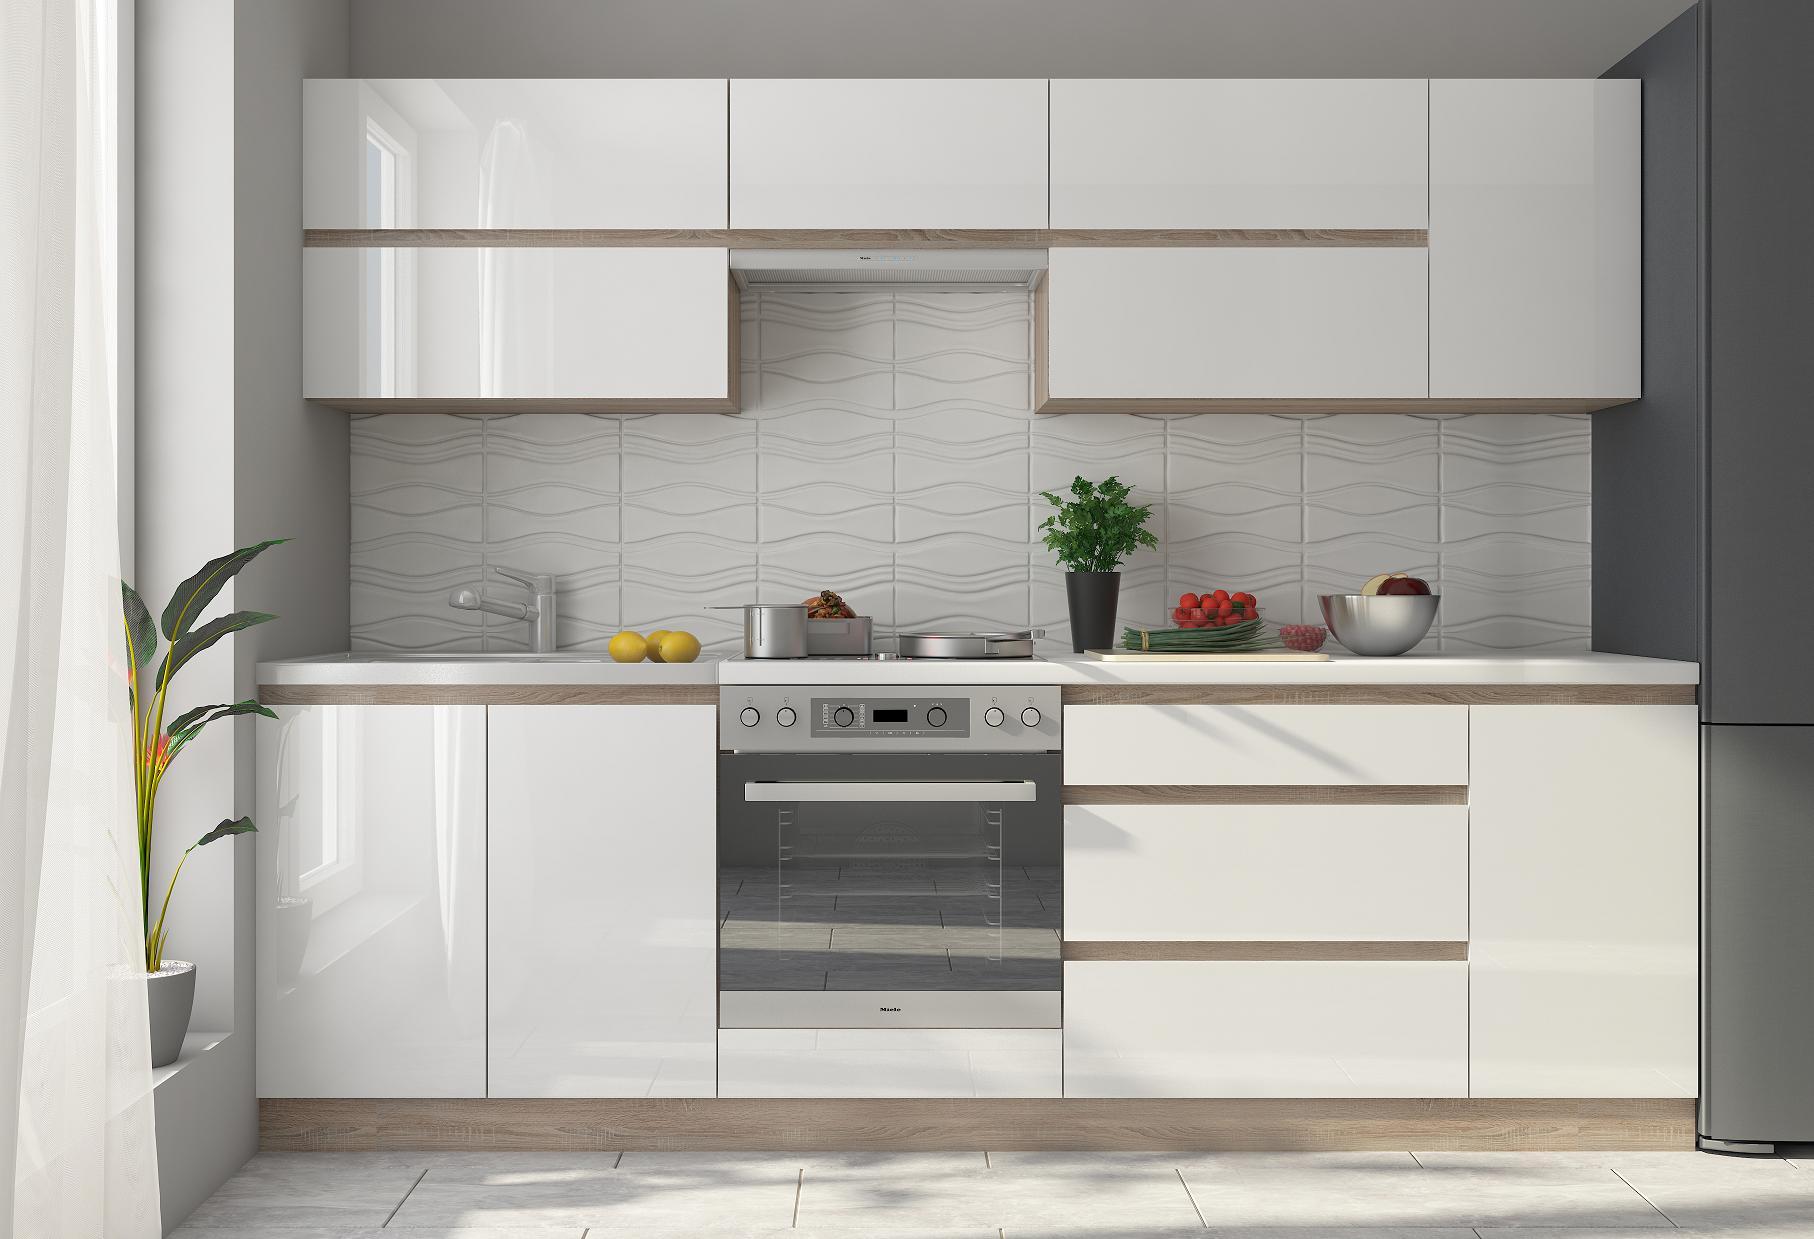 D coration de cuisine tout savoir sur les meubles hauts for Avis sur meubles concept